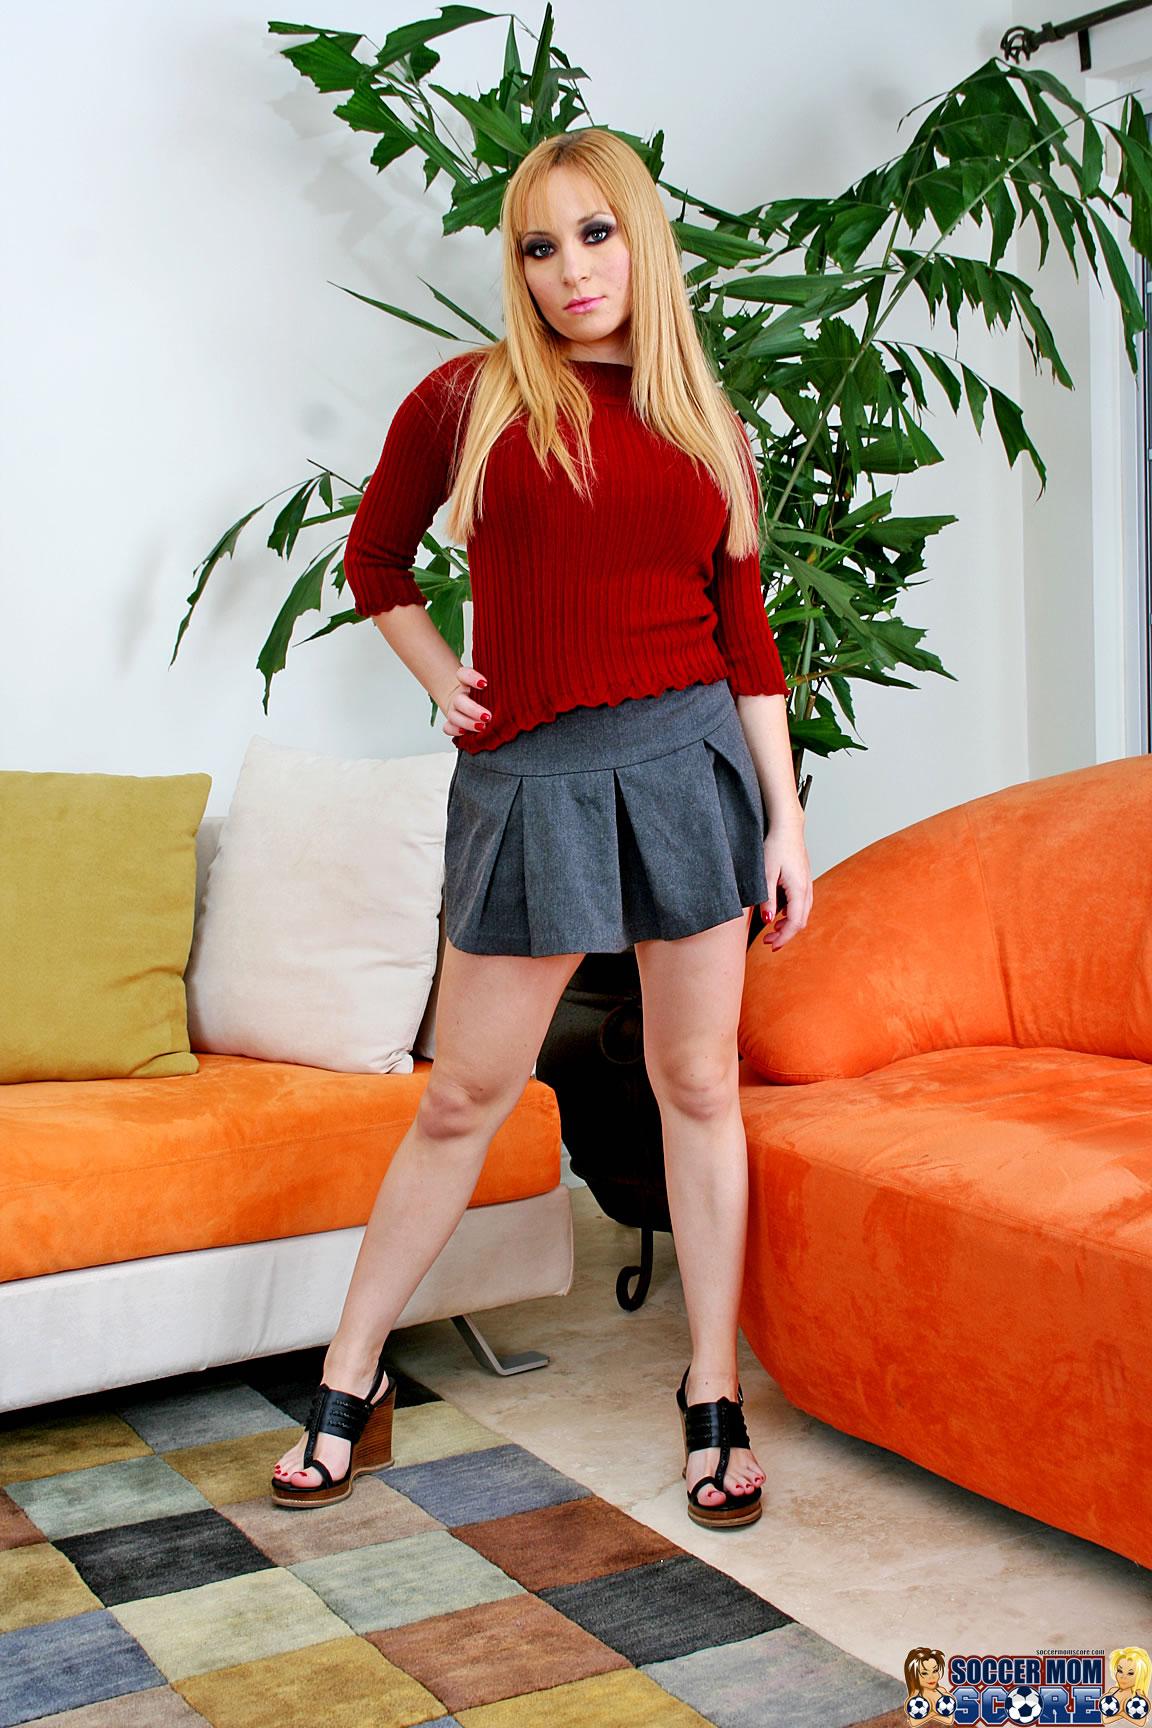 Молодая Красотка Показывает Стриптиз Порно И Секс Фото С Блондинками